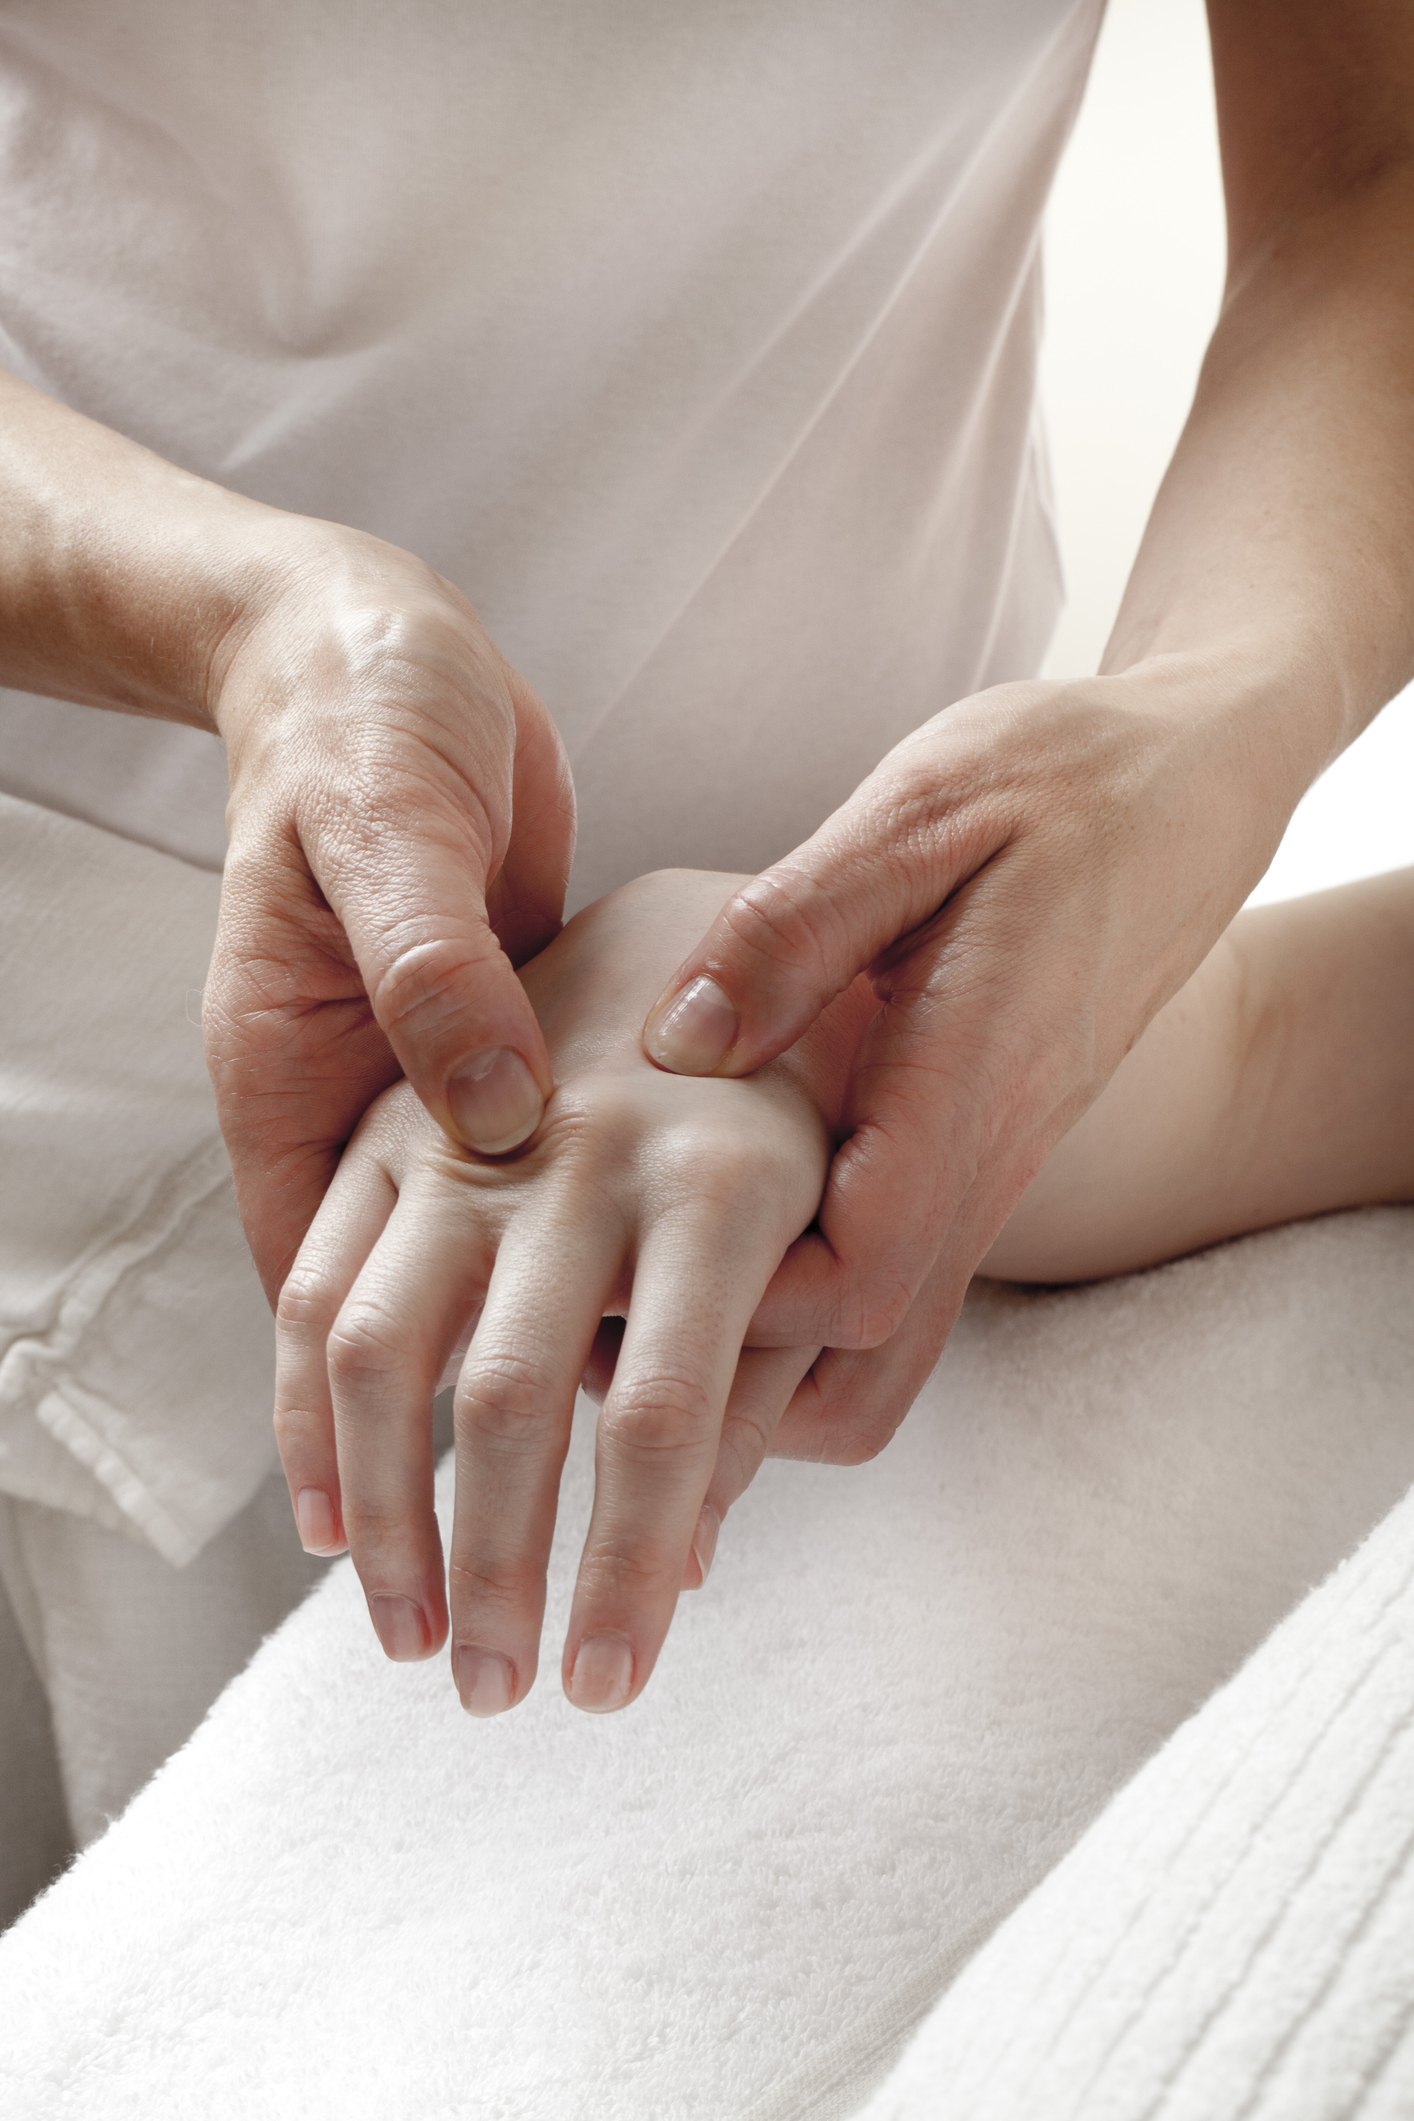 Tratamentul articulațiilor mâinilor cu denas, Tratamentul articular Denas